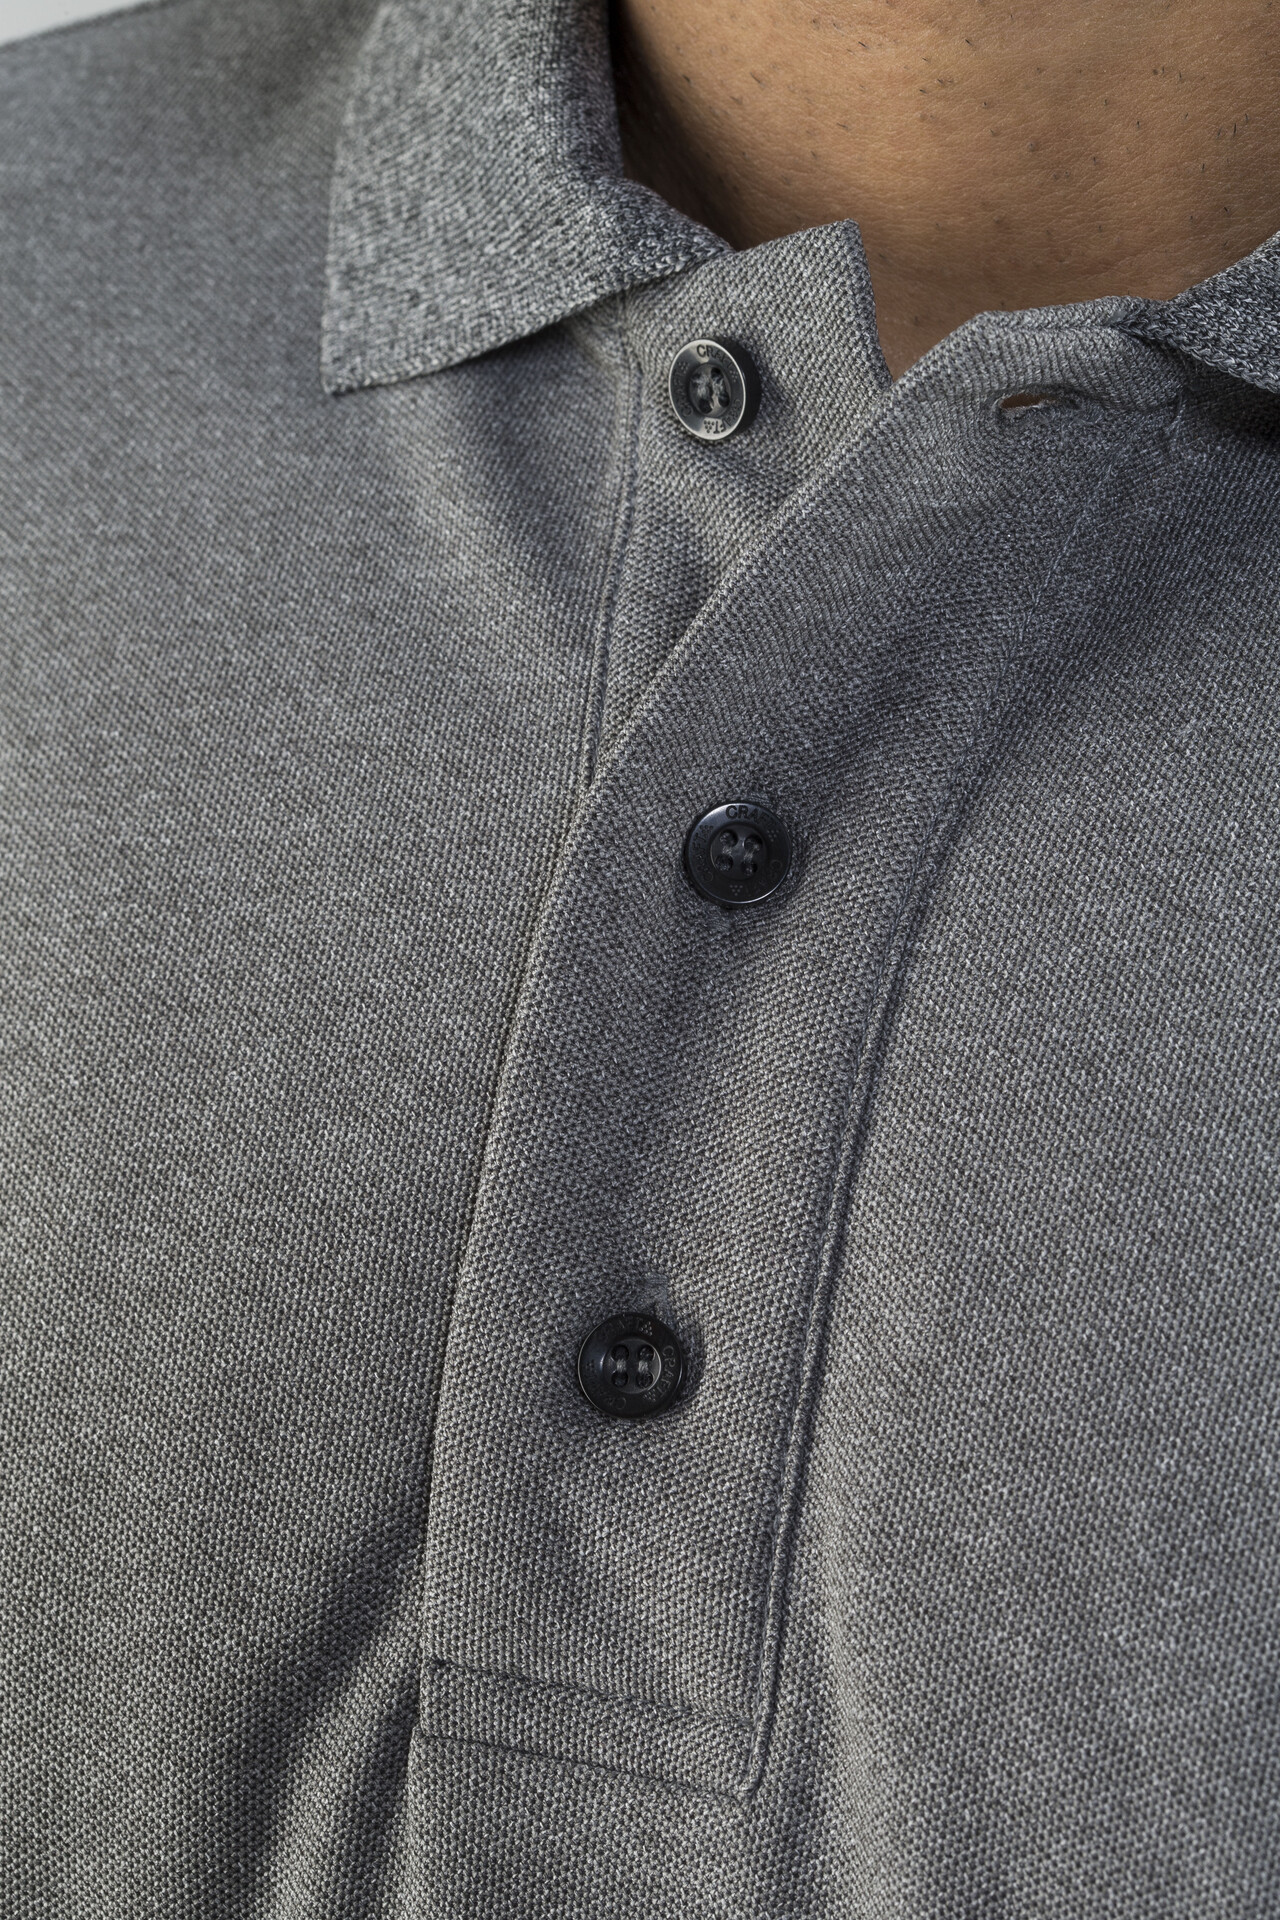 clásica Camisa Man polo T picas Craft en manga corta y gris de con 0p8wokn OPZiukXT